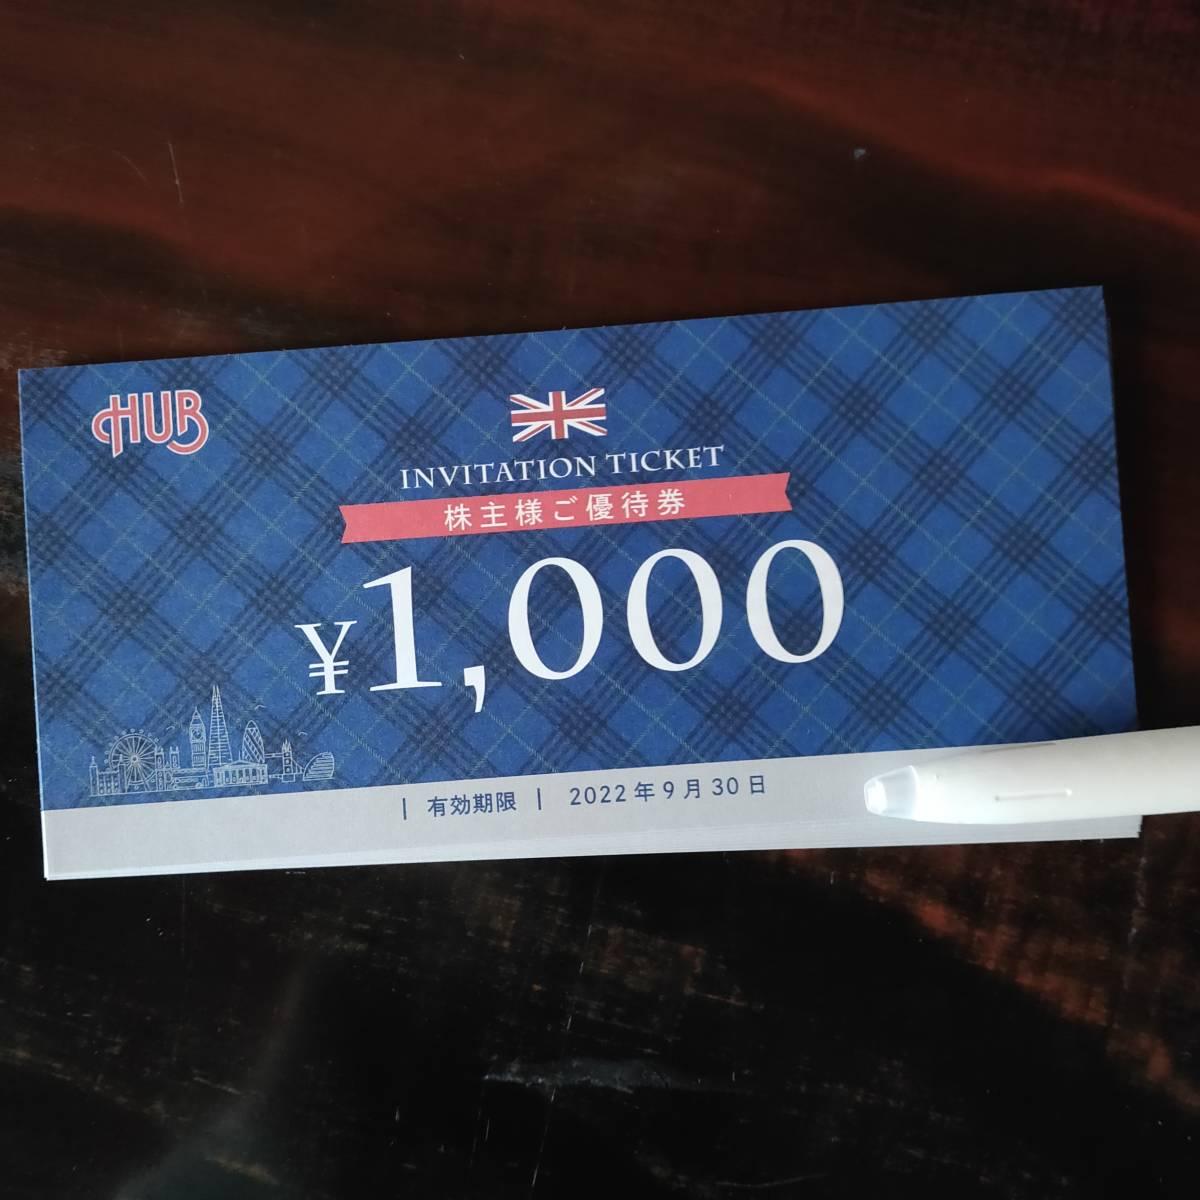 HUB ハブ 株主優待券 10000円分 2022年9月30日まで 82 HUB+82_画像1